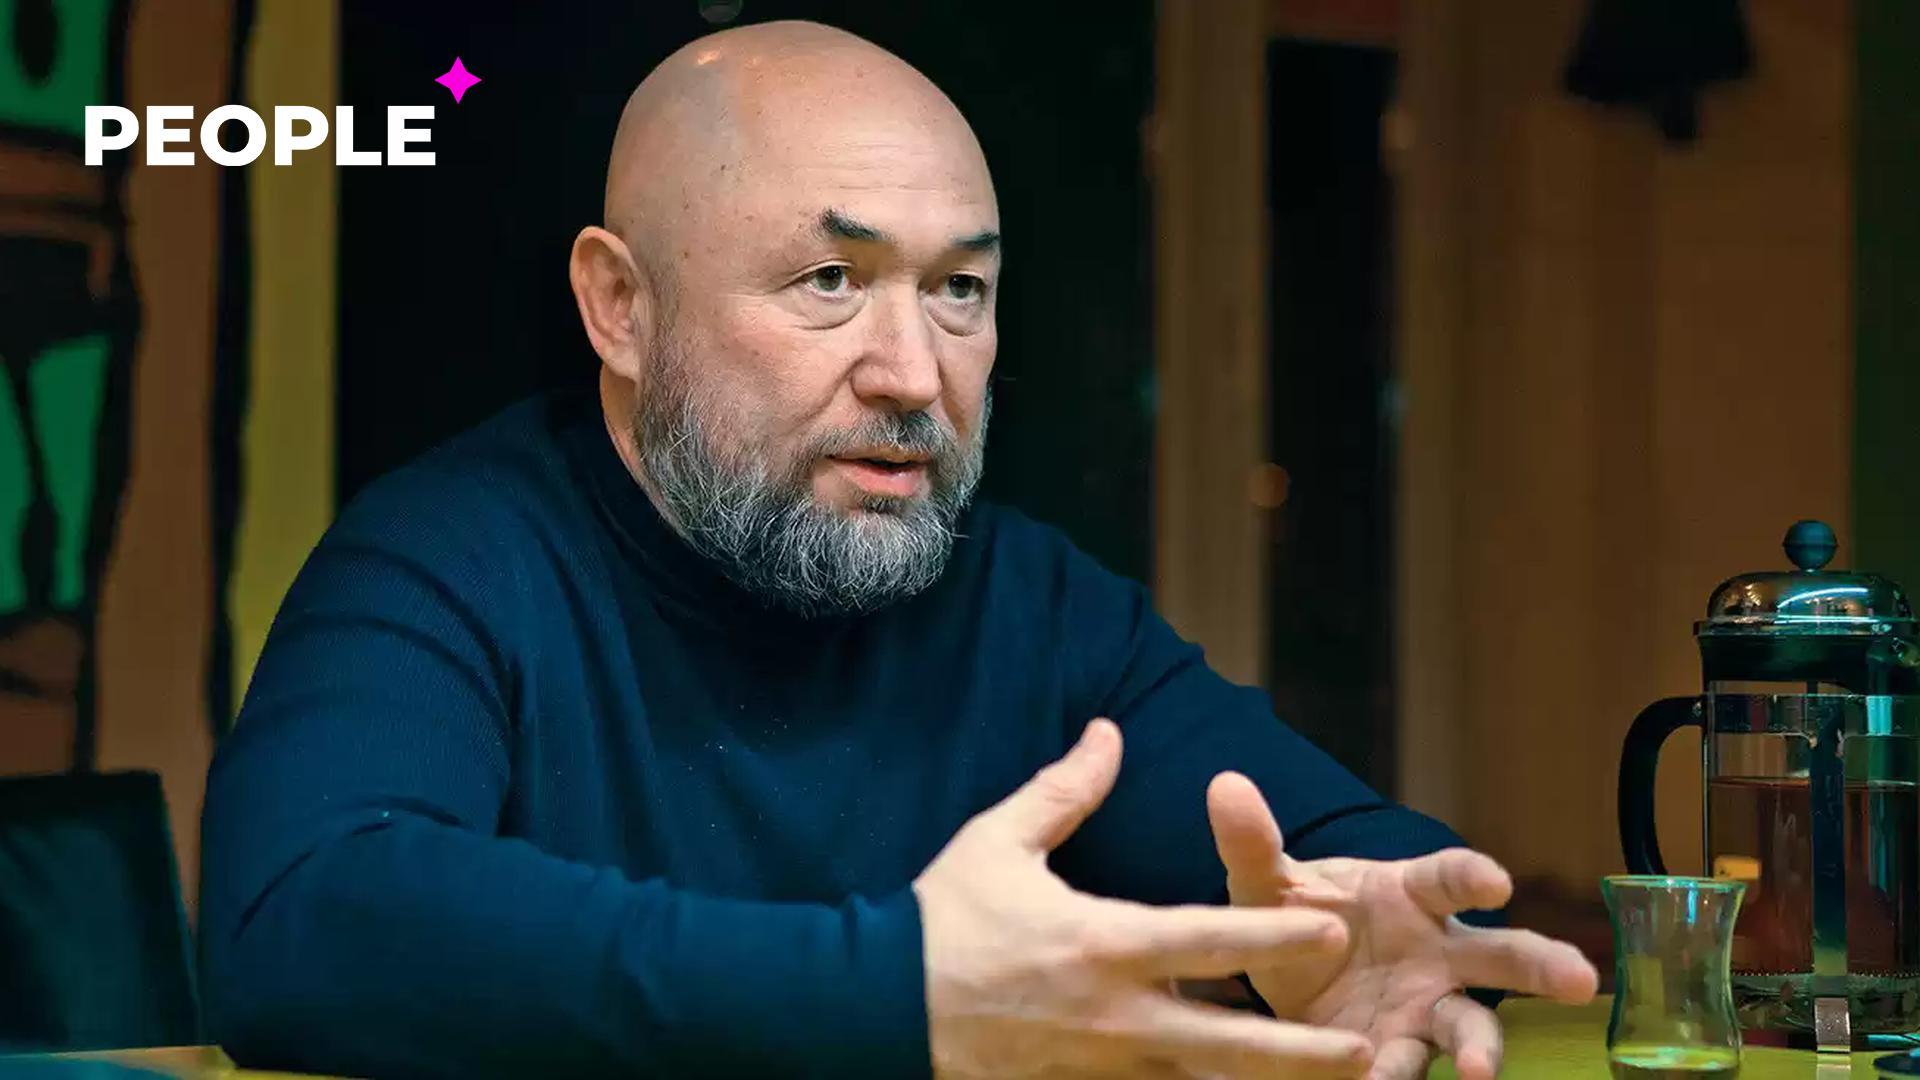 Тимур Бекмамбетов снимет мультфильм по мотивам узбекского фольклора